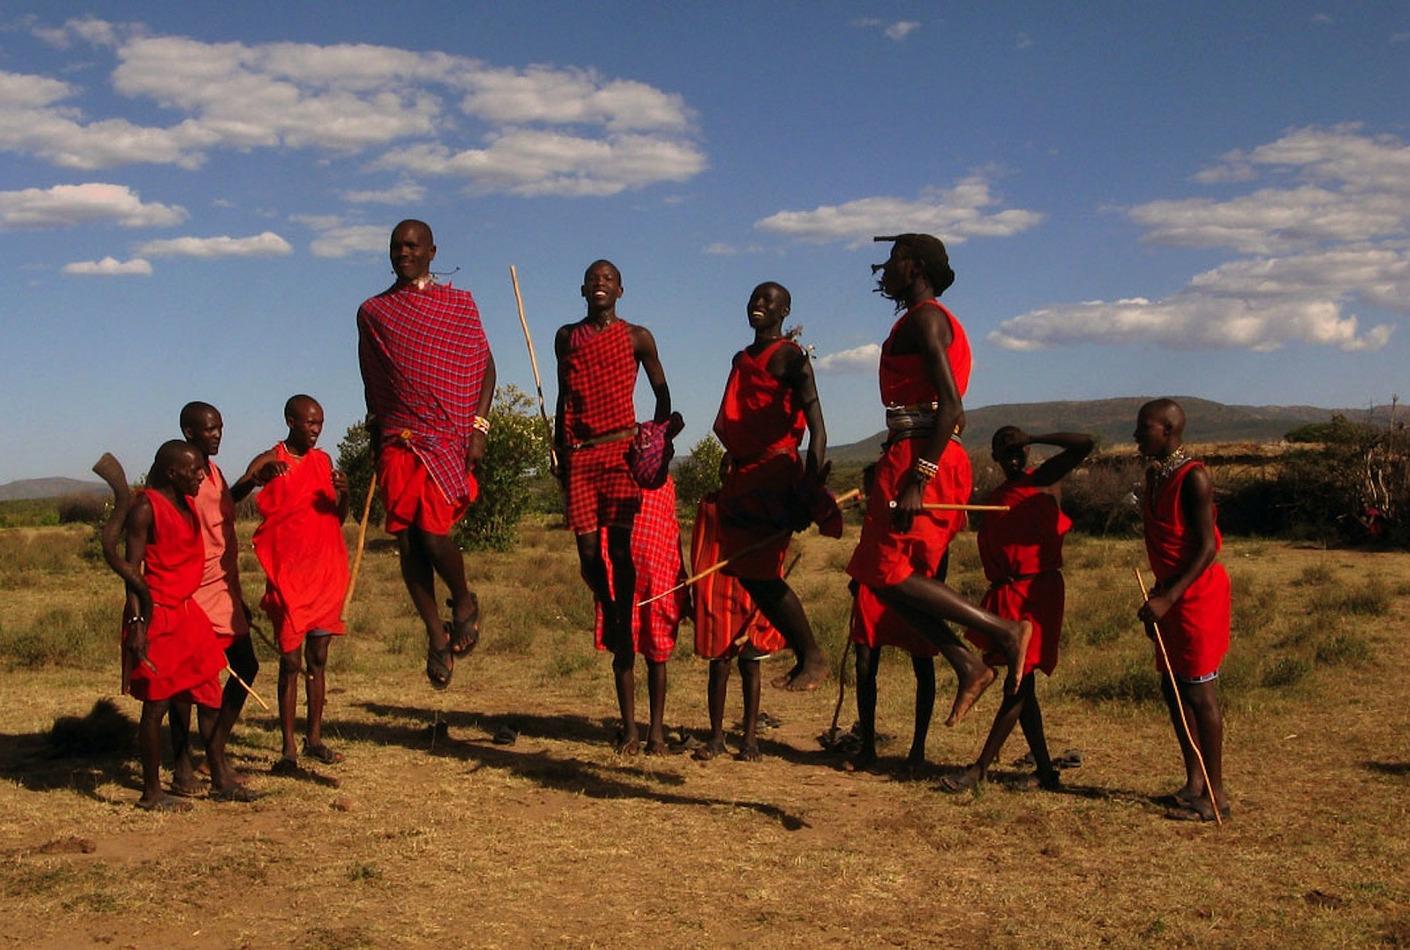 Tribu Maasai de Kenia